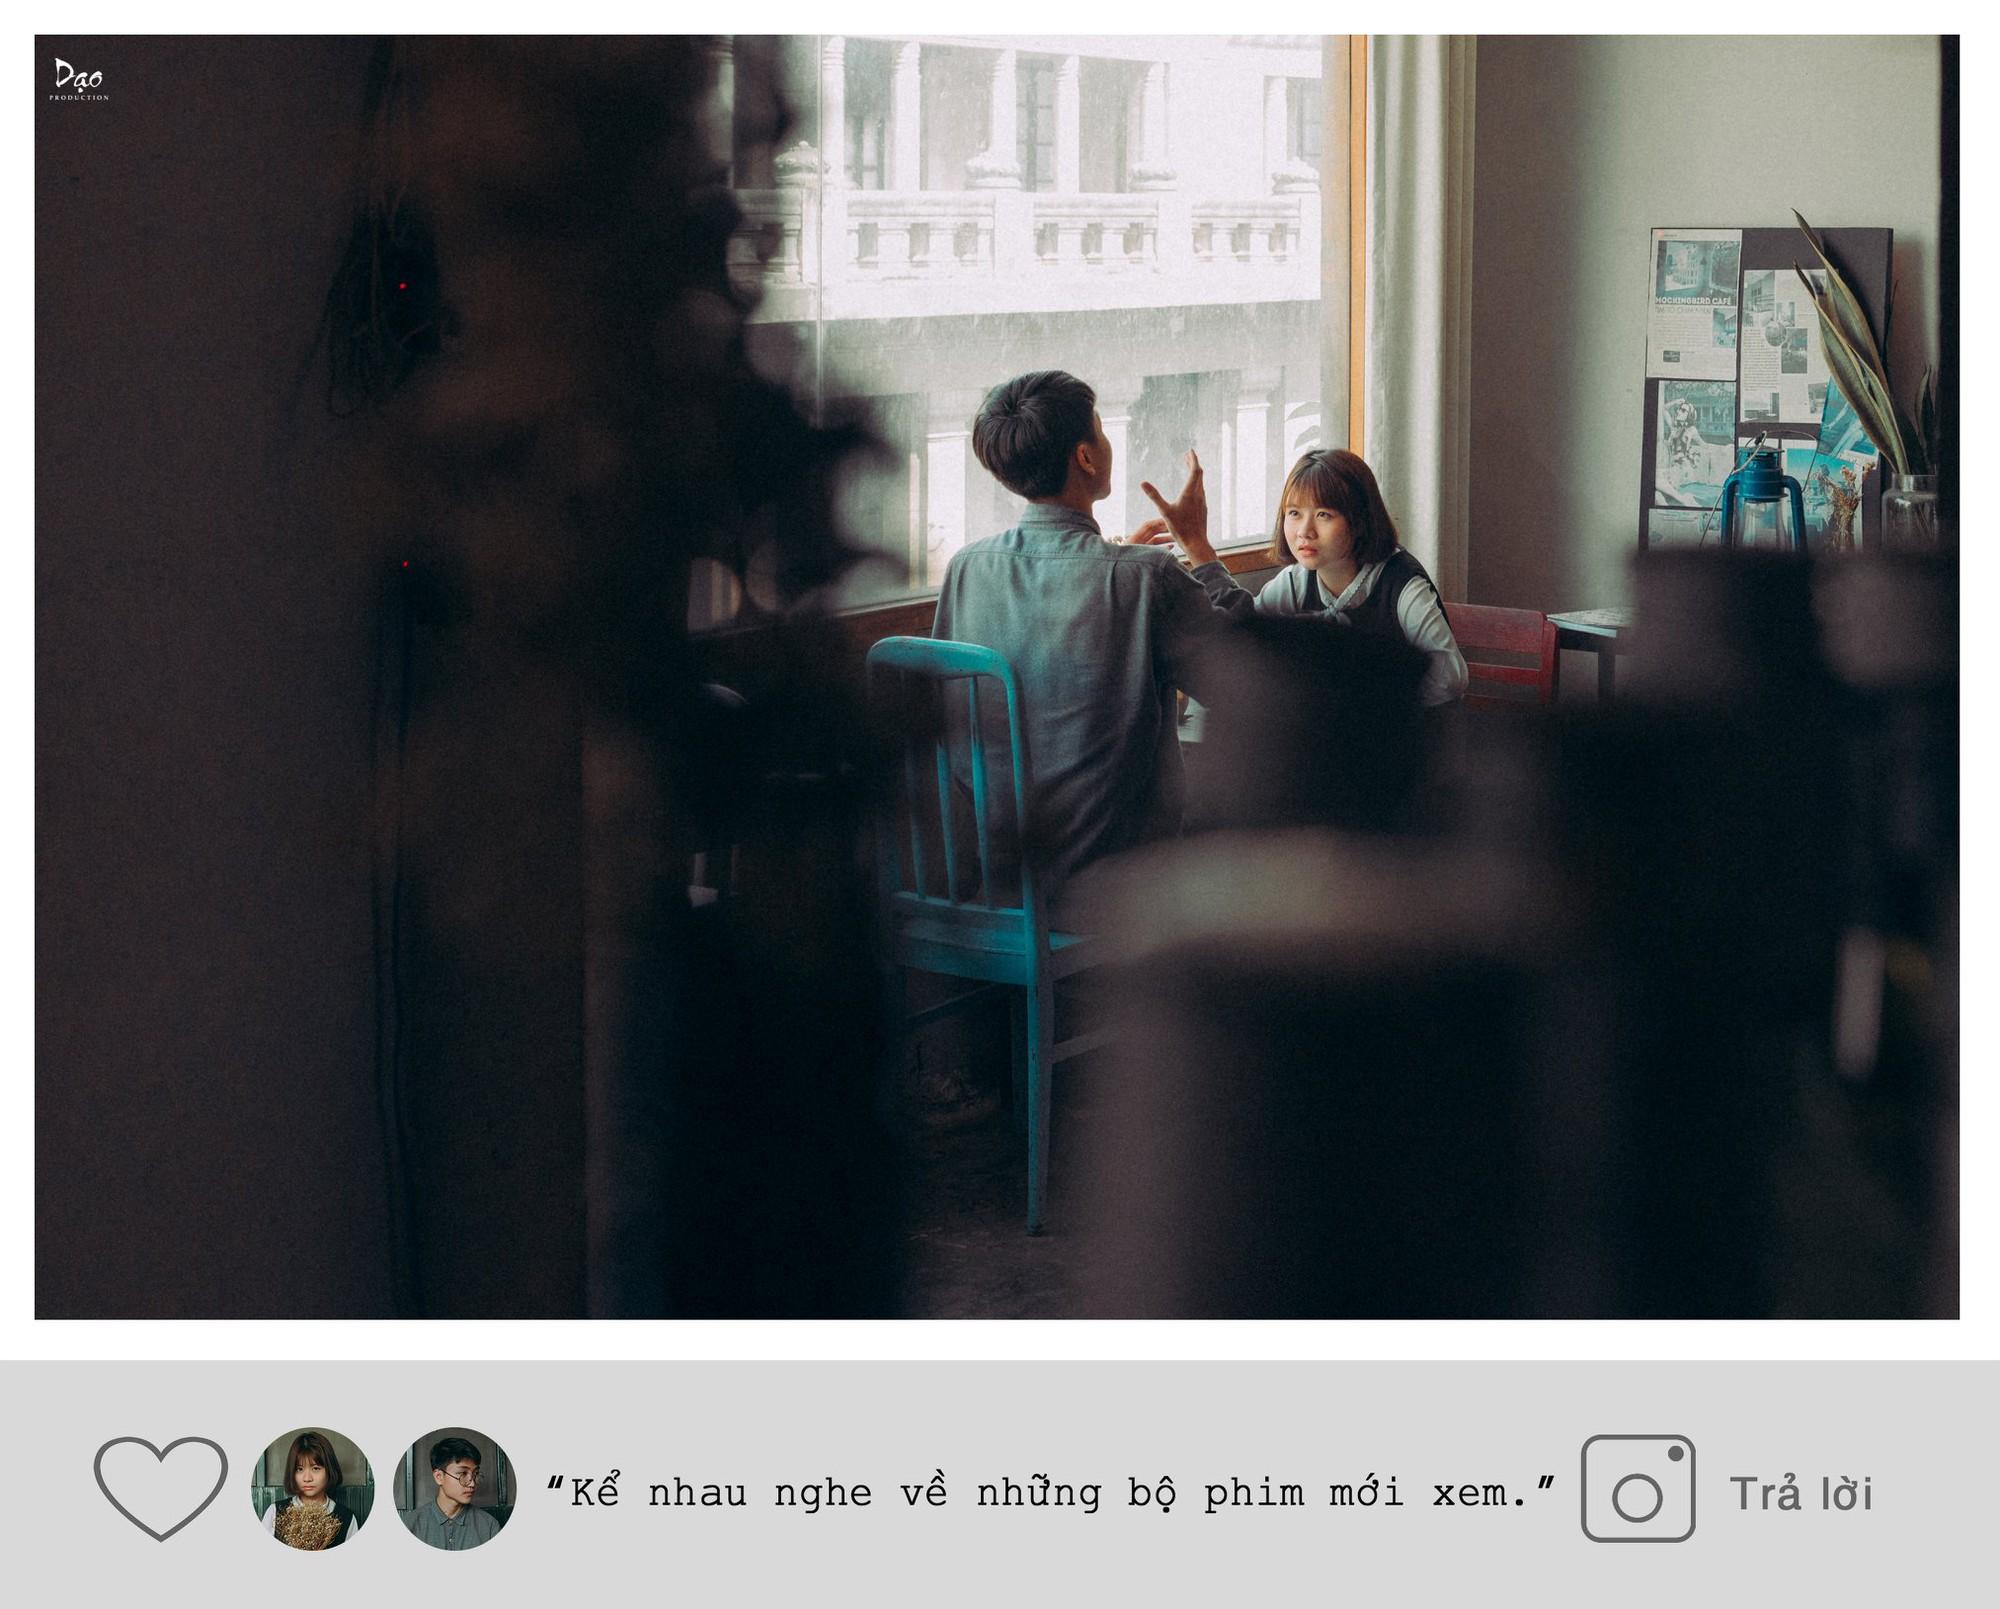 Bộ ảnh mới toanh của cặp đôi trường Trưng Vương từng được mến mộ nhờ mối tình chị em cực dễ thương - Ảnh 7.